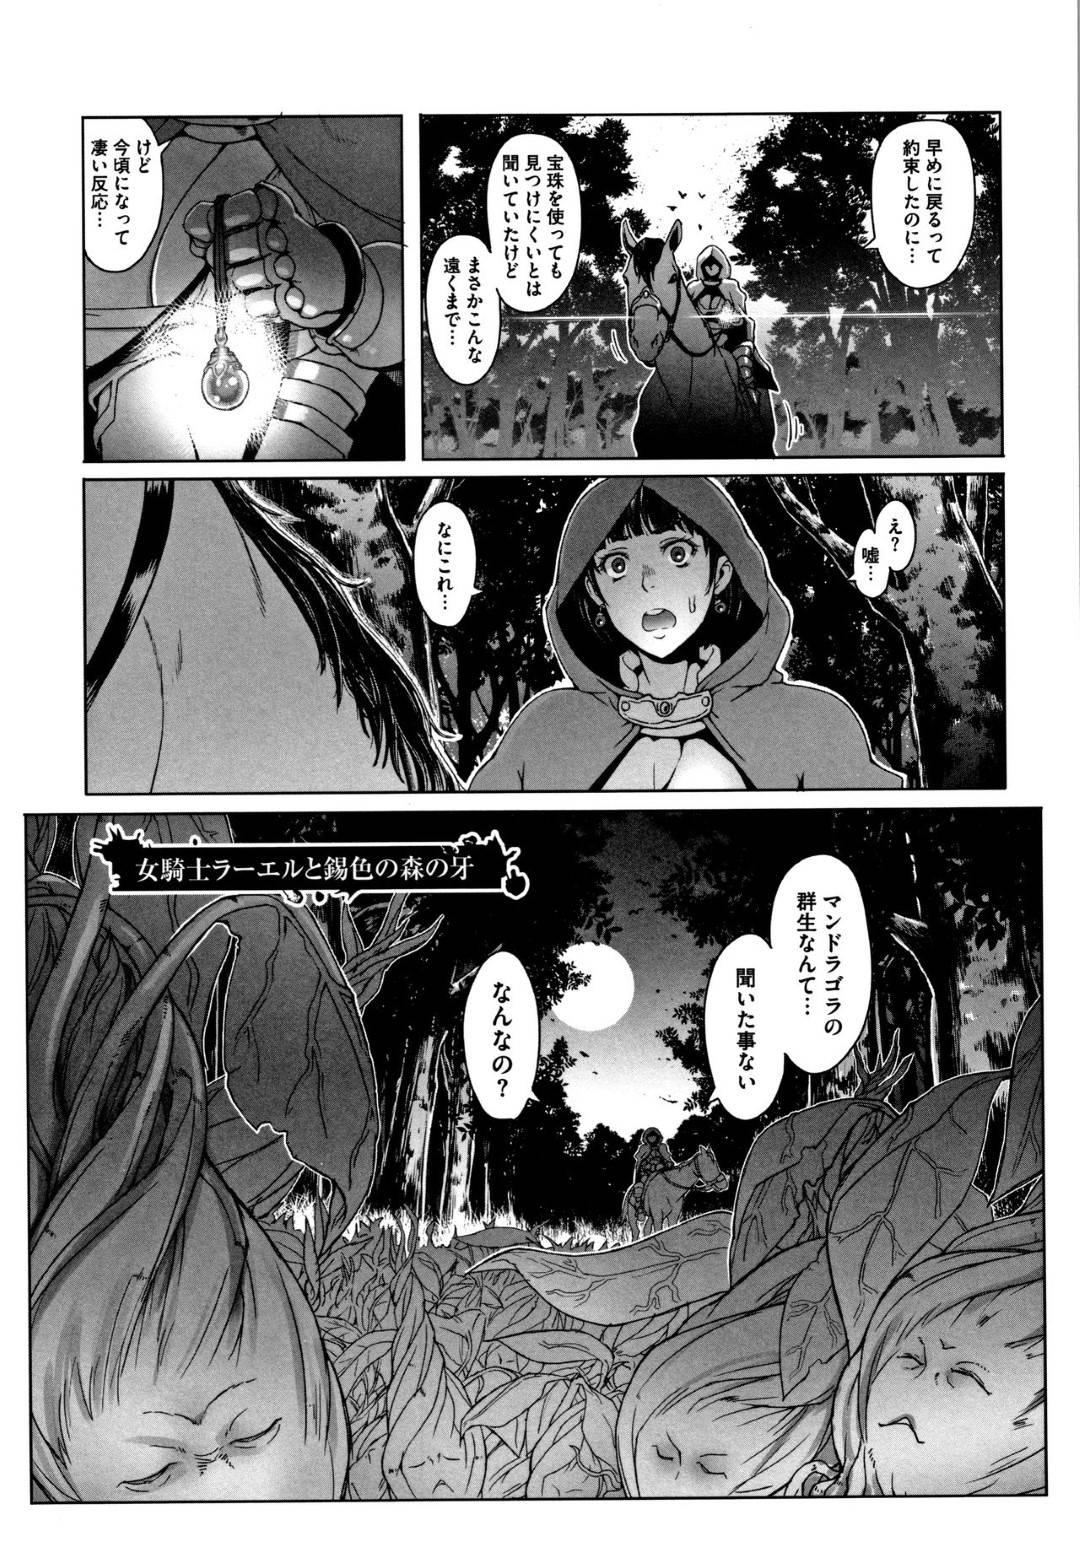 【エロ漫画】マンドラゴラが一面にある森へ来た女騎士…マンドラゴラを積んでいると大きな獣人に捕まってしまう!話し合いで解決できずマンドラゴラから作られる媚薬を試され連続絶頂!【朝木貴行:女騎士ラーエルと銀色の森の牙】